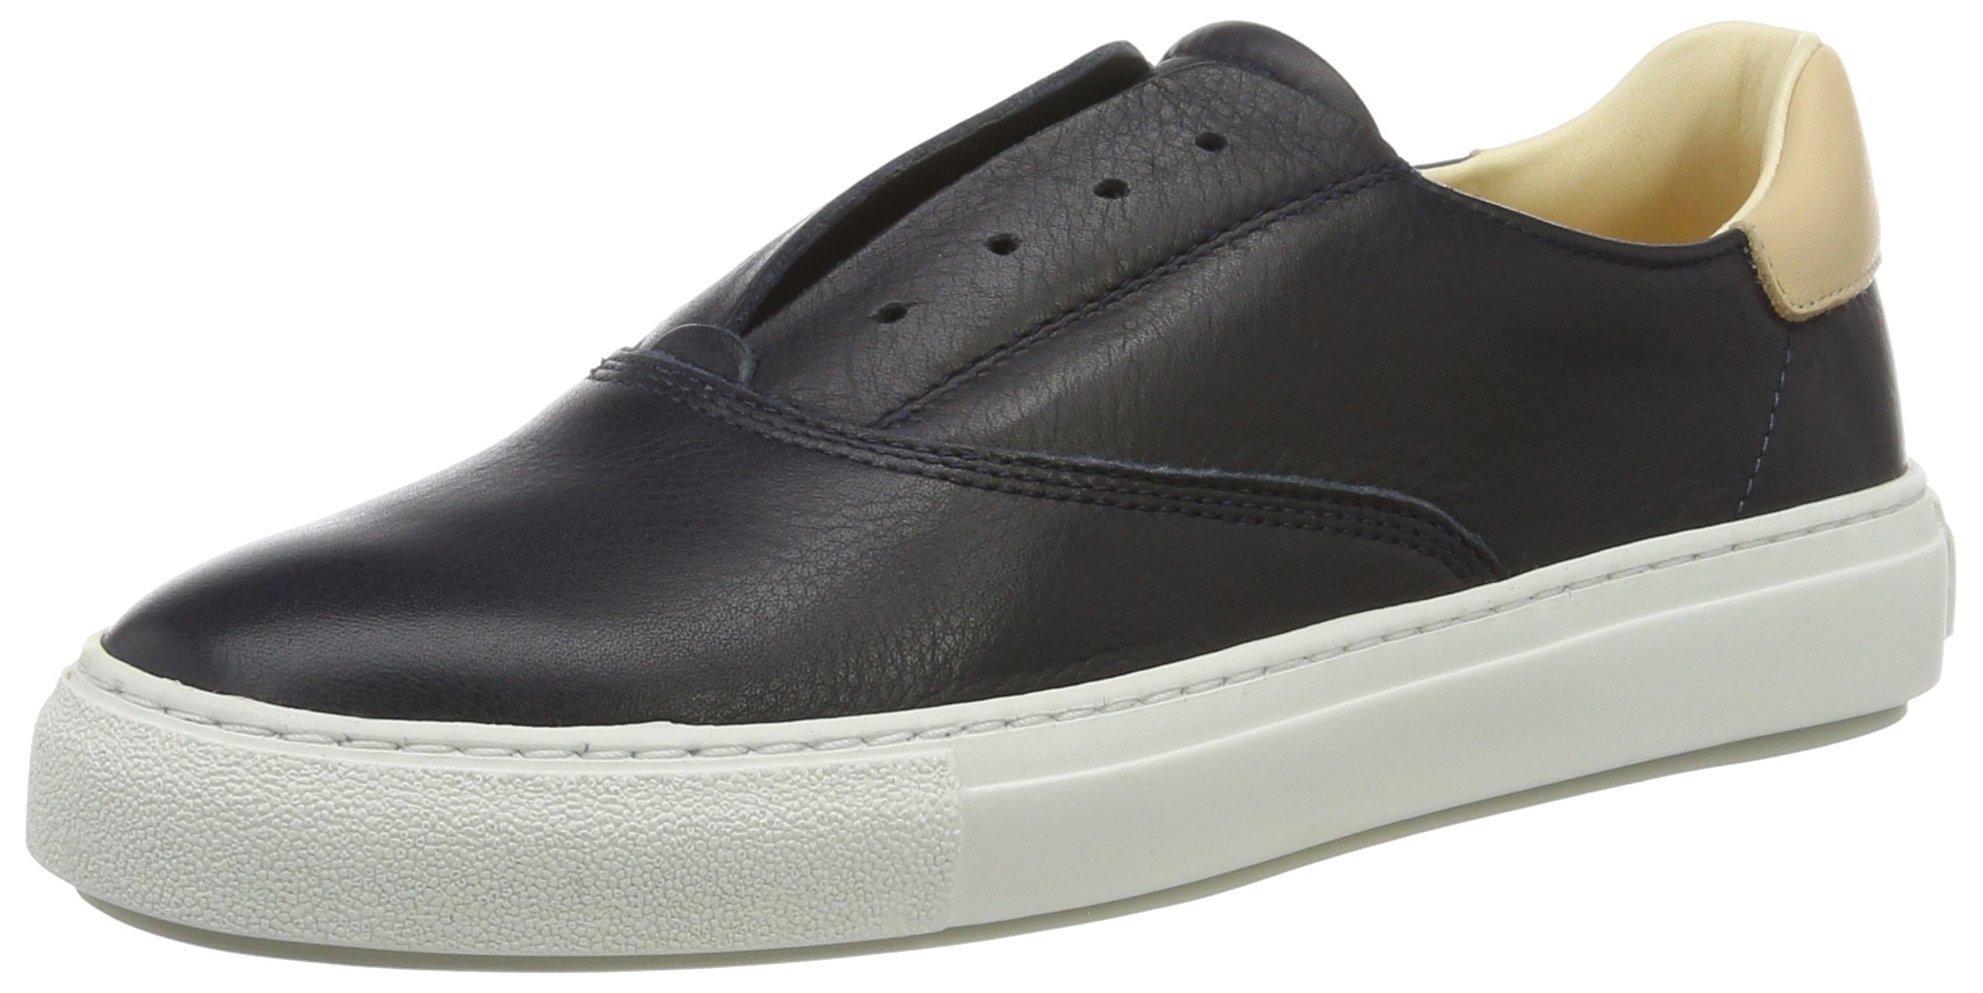 SneakerBaskets 85140 Blue Eu 70114053501102 O'polo Marc FemmeBleuwashed OiPZXku